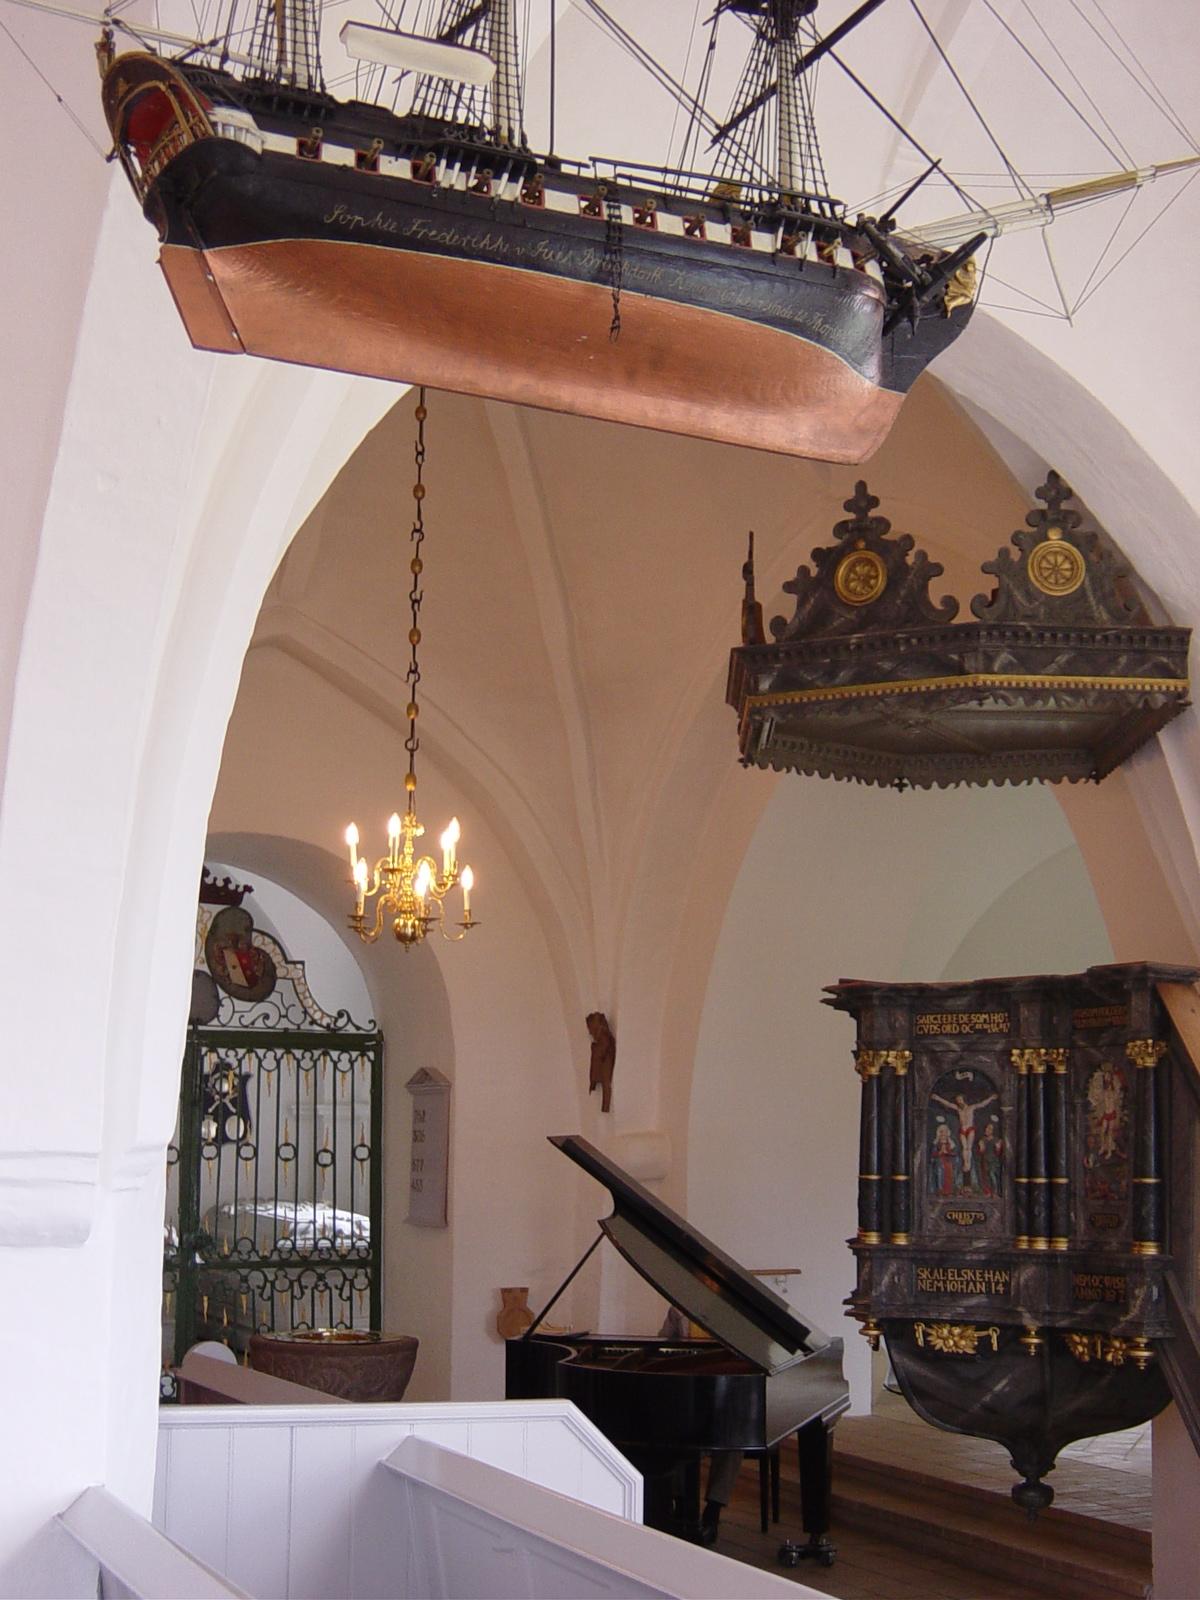 Bregninge Church, Denmark